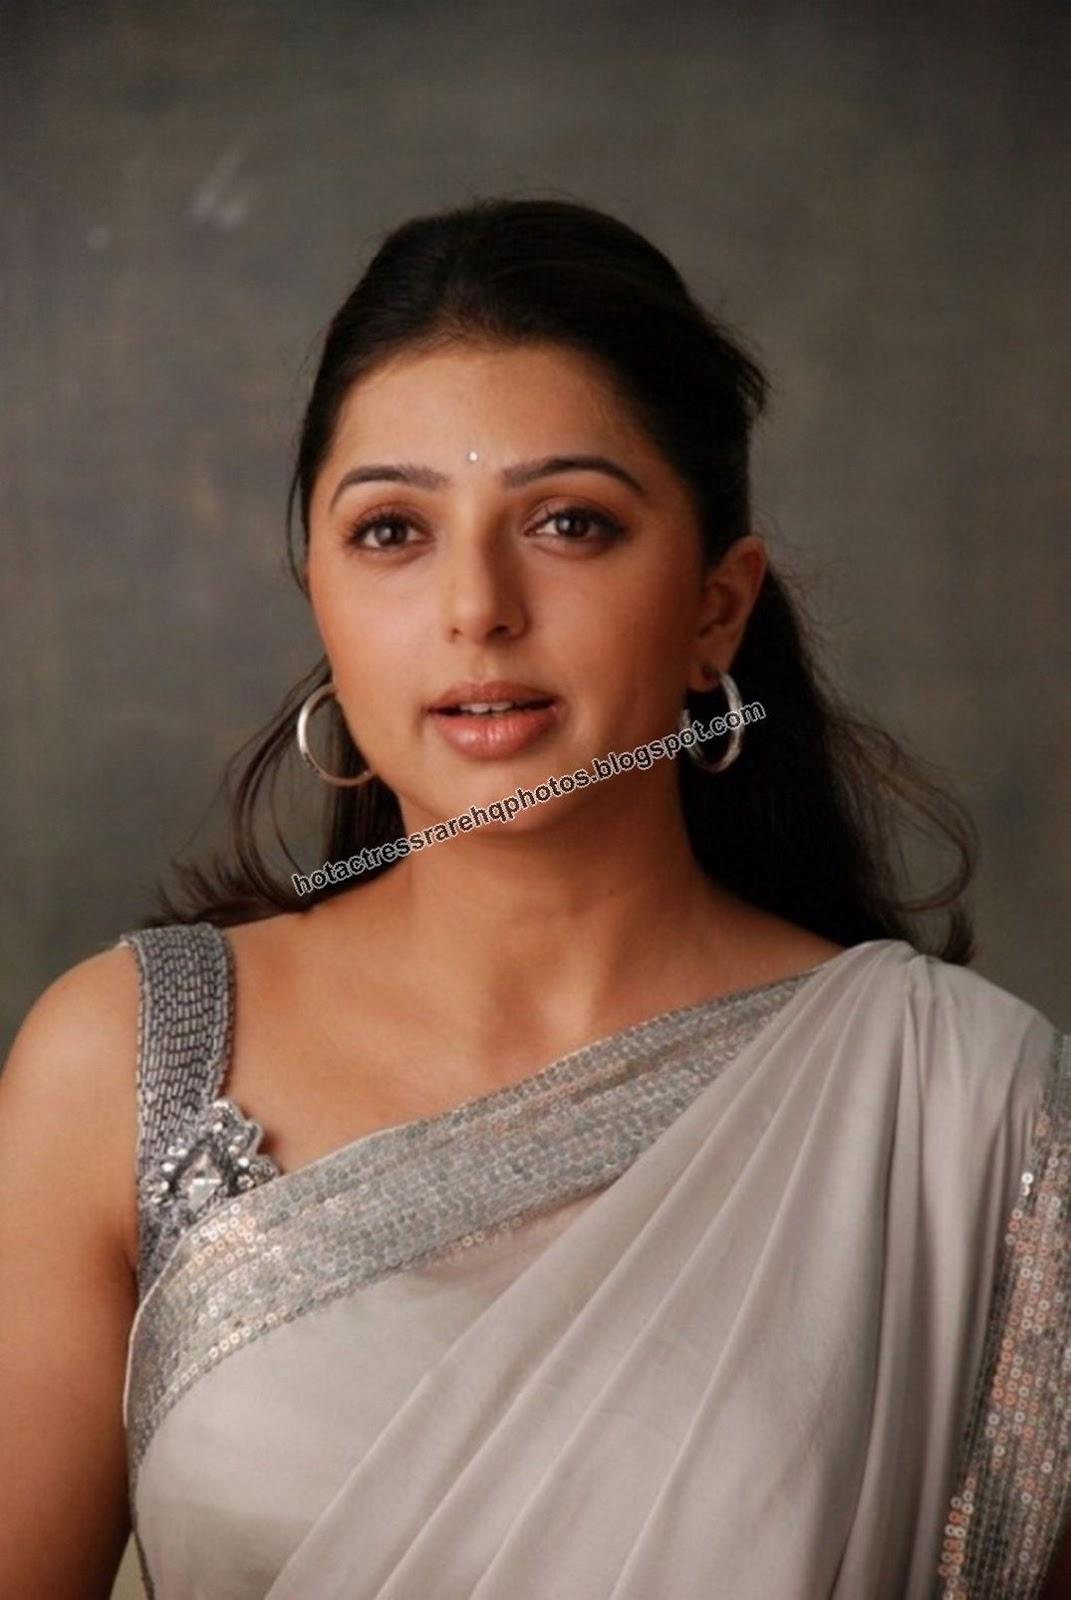 Hot Indian Actress Rare HQ Photos: Telugu Actress Bhumika ...